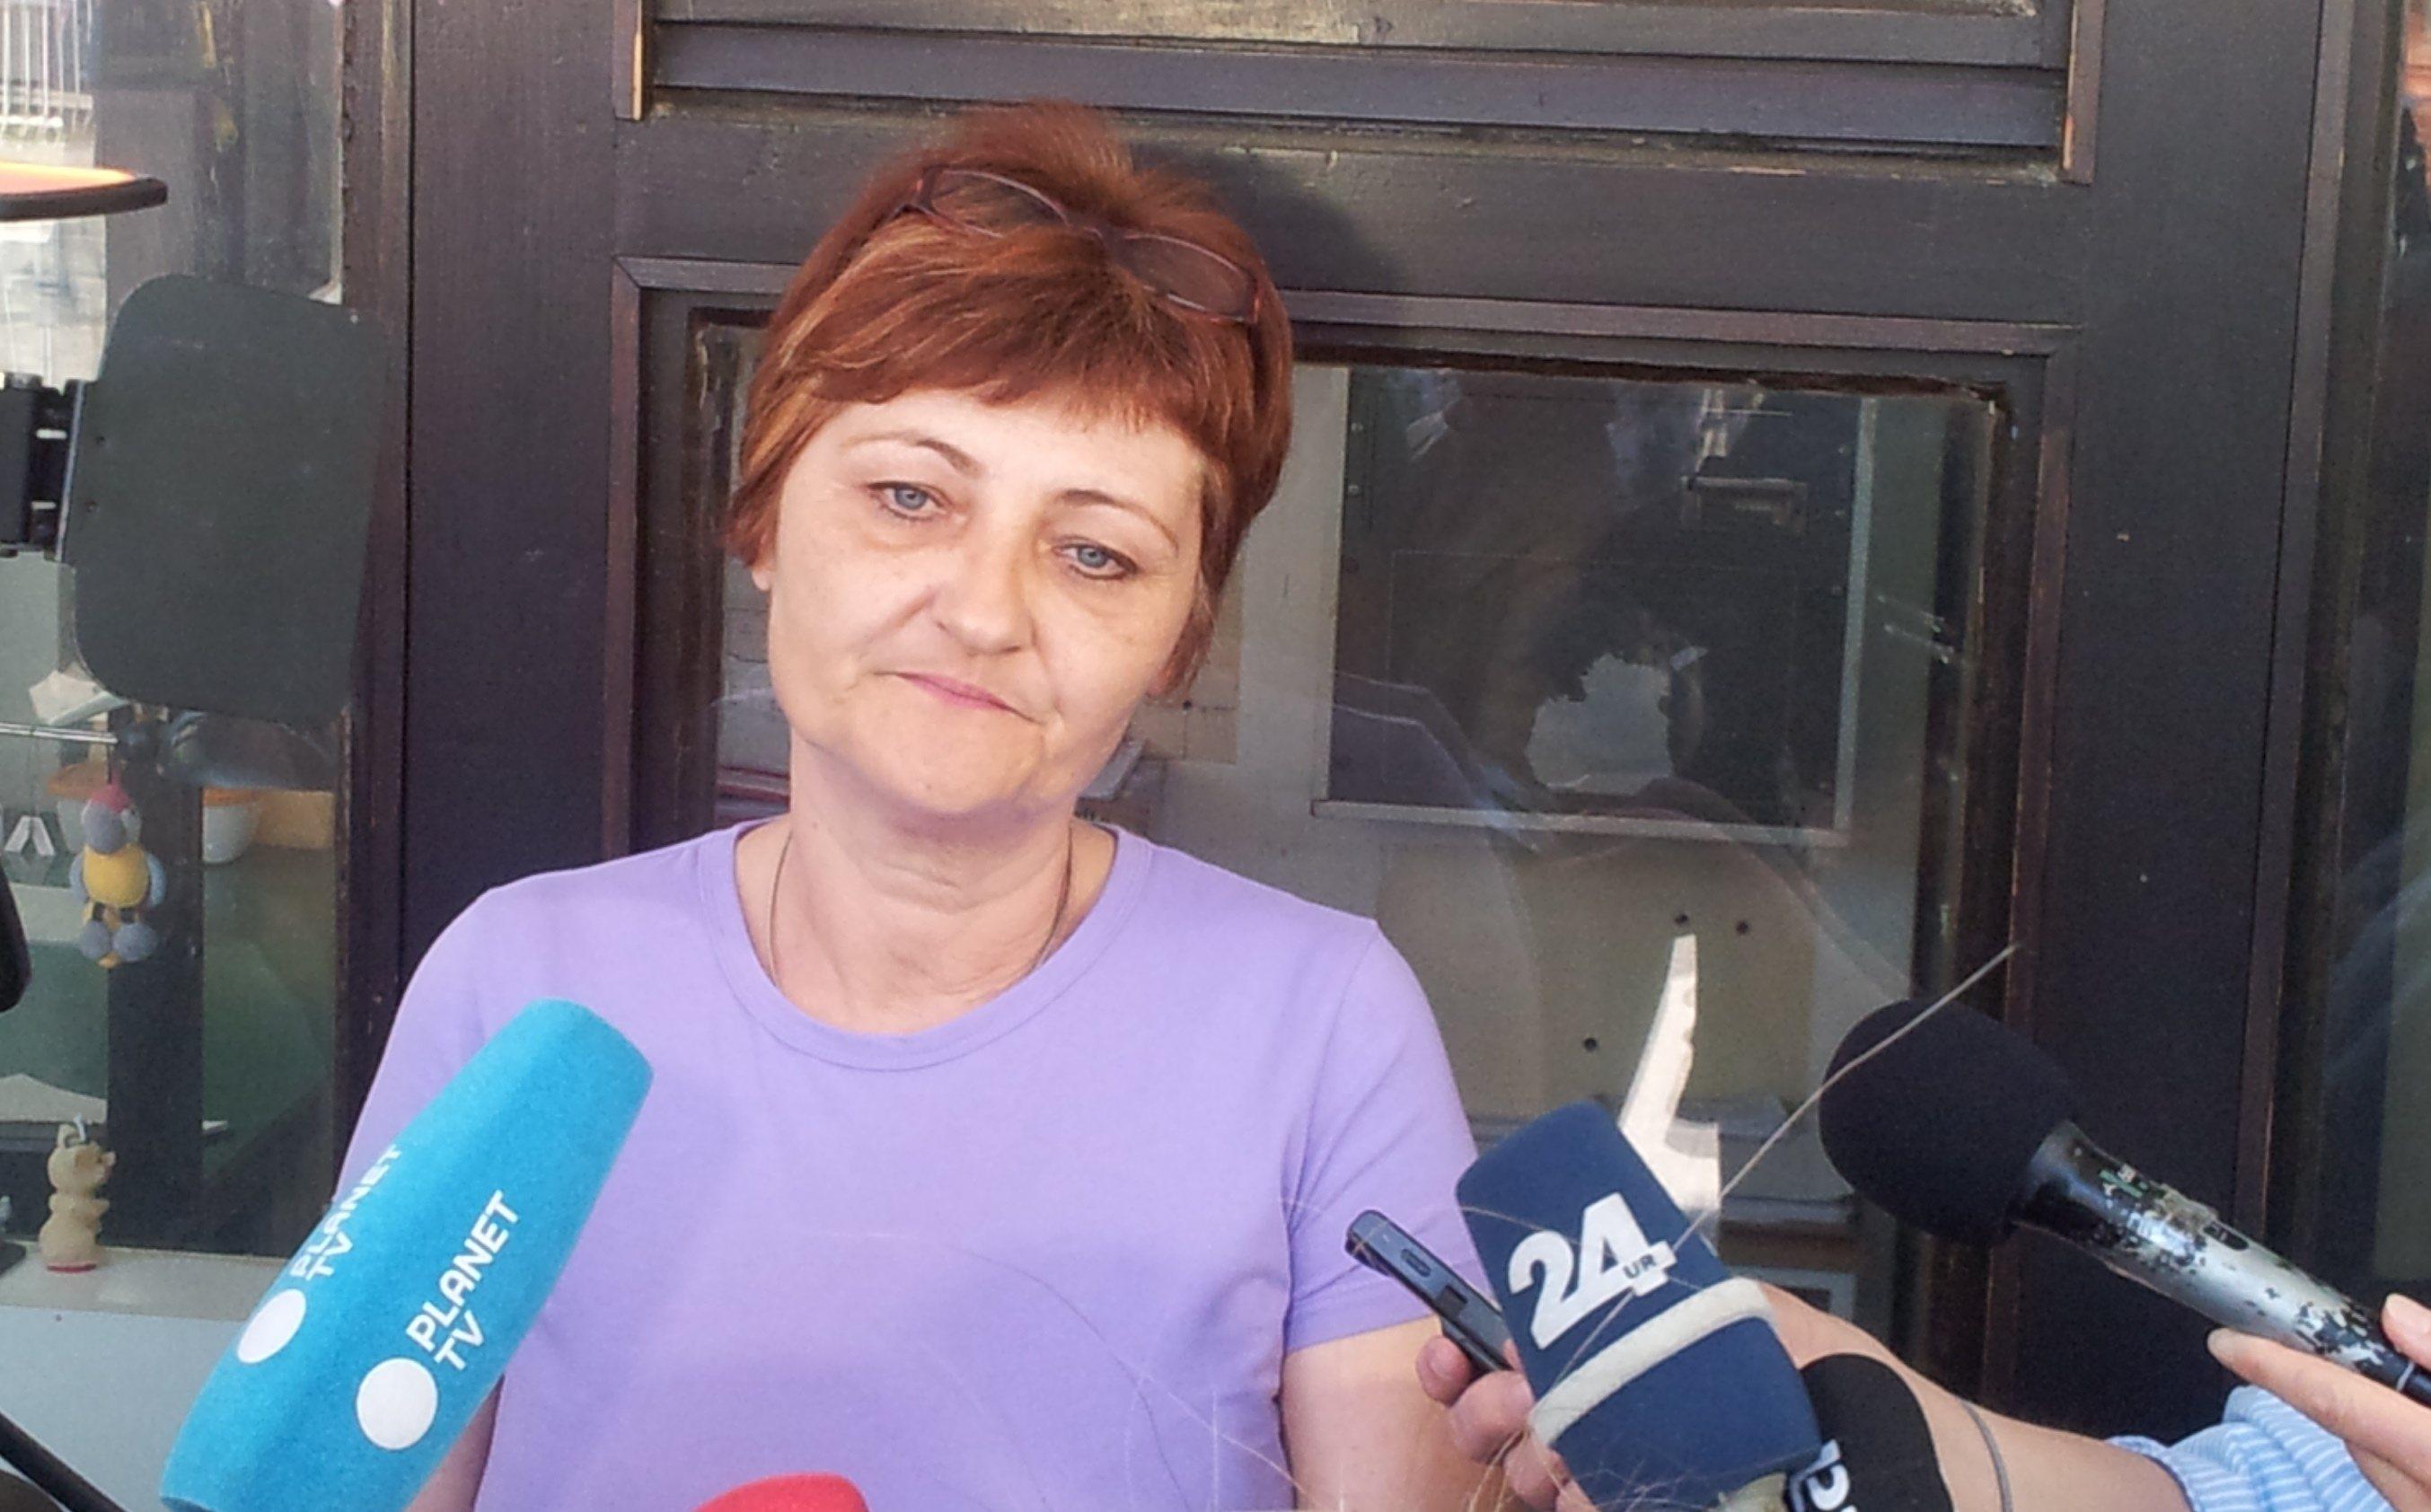 Jolanka Horvat pravi, da se z vodstvom več ne mislijo pogajati